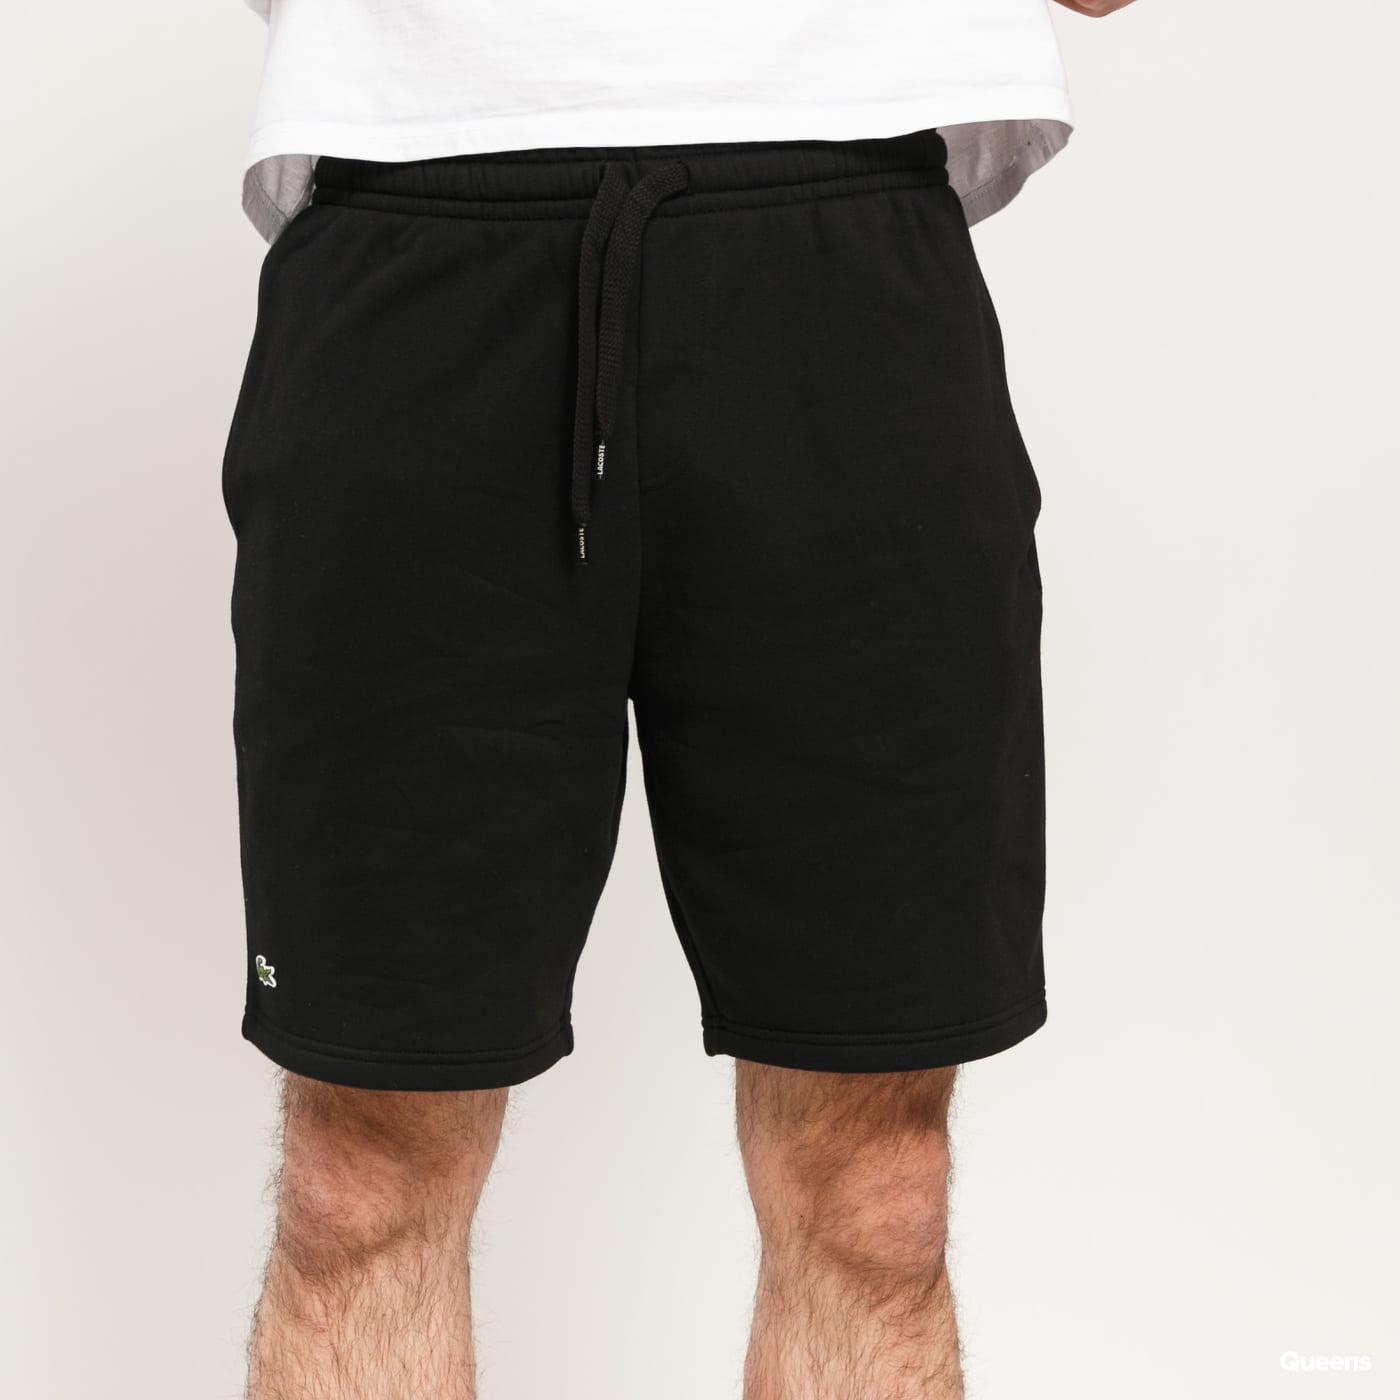 LACOSTE Men's Pocket Shorts černé